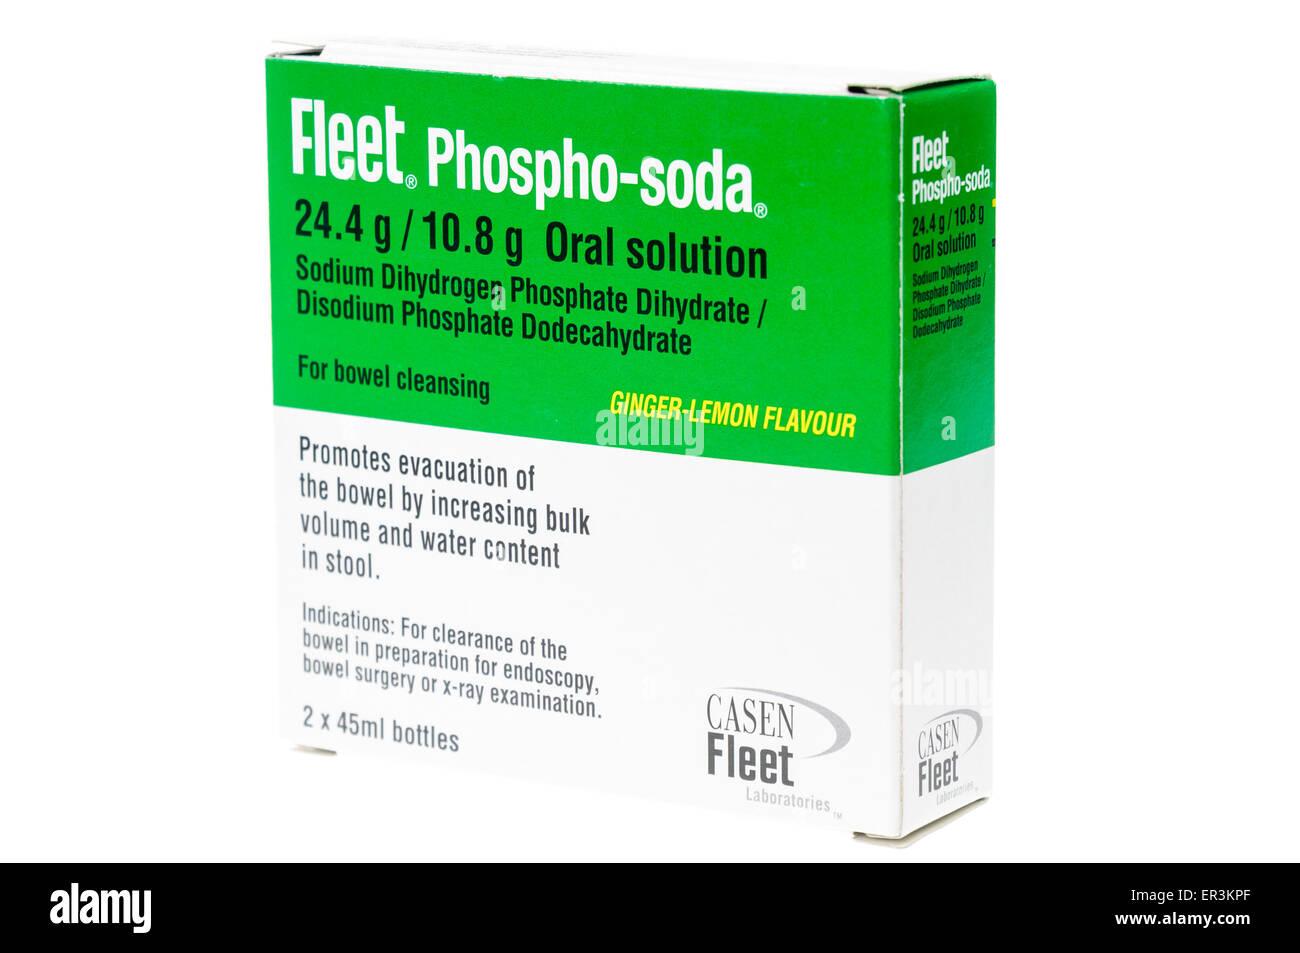 Fleet Phospho-Soda Schüssel Vorbereitung Lösung zum einnehmen, verwendet, um Darm vor Verfahren wie die Stockbild